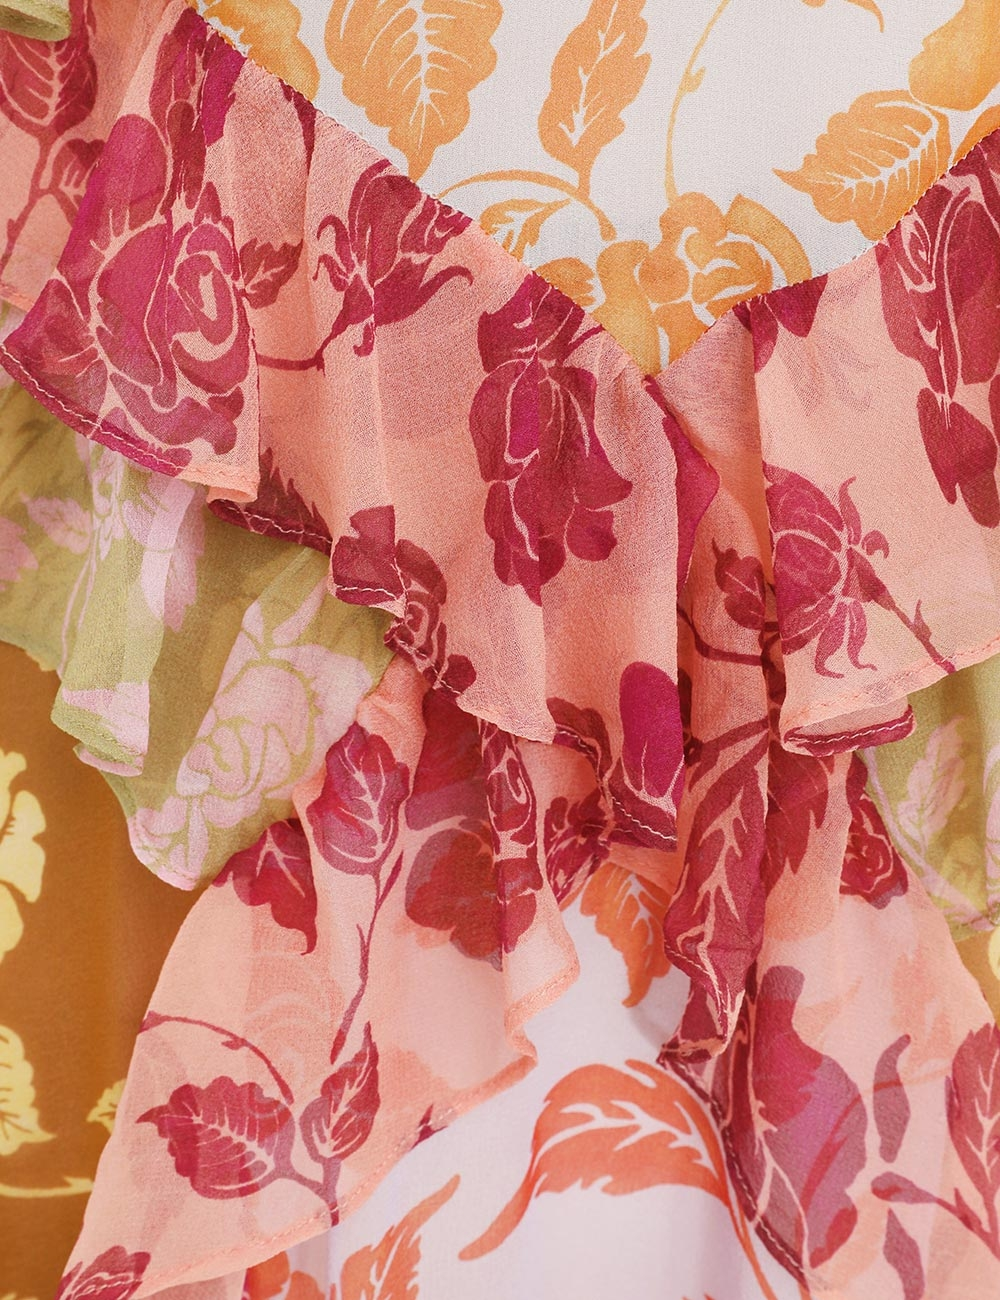 The Lovestruck Slip Dress